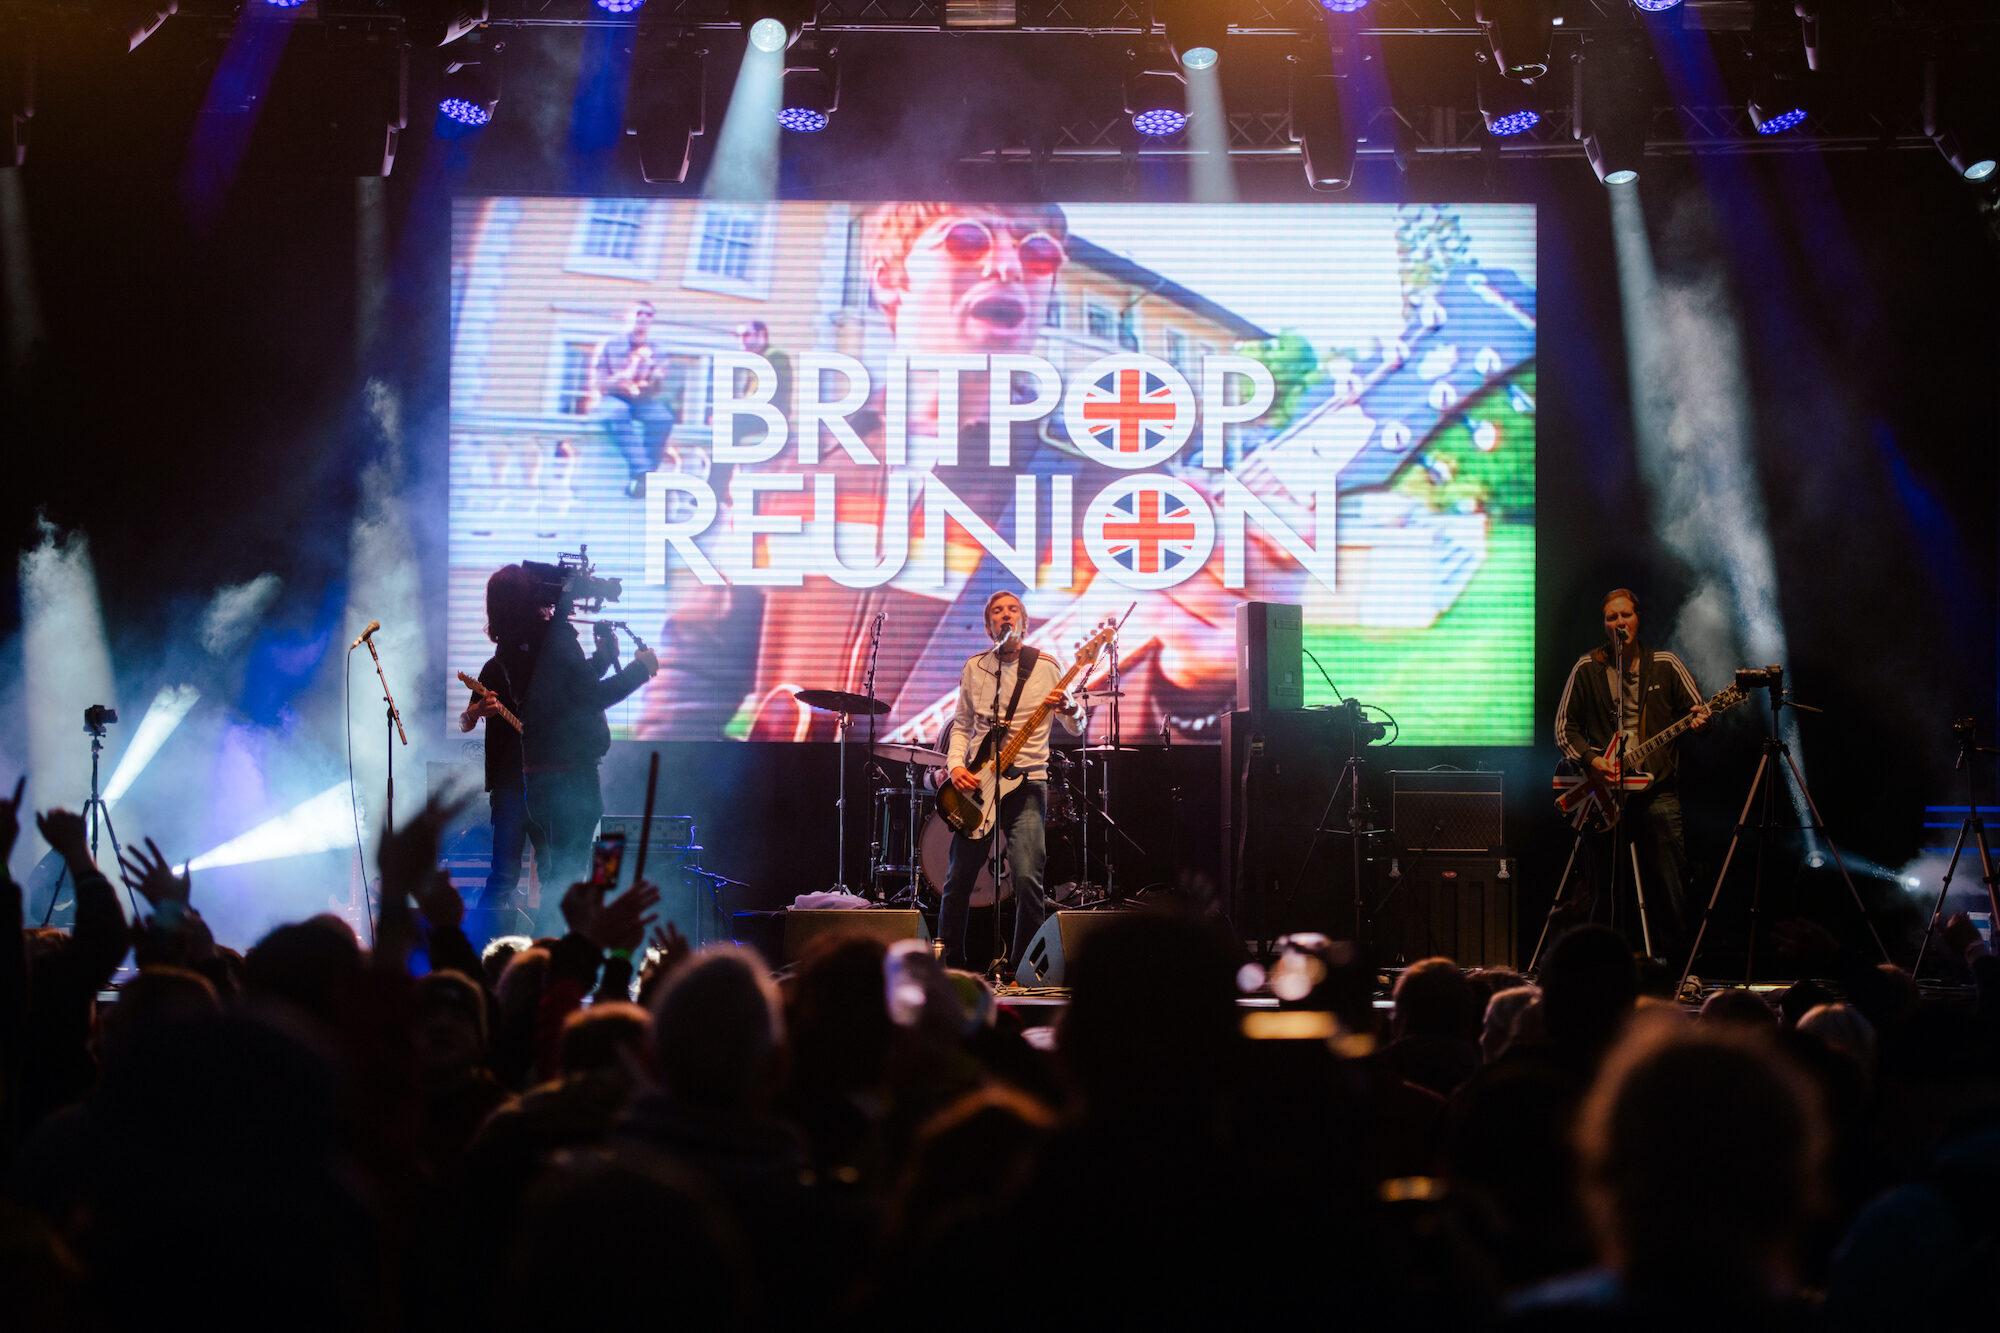 90's Tribute & Britpop Tribute Band